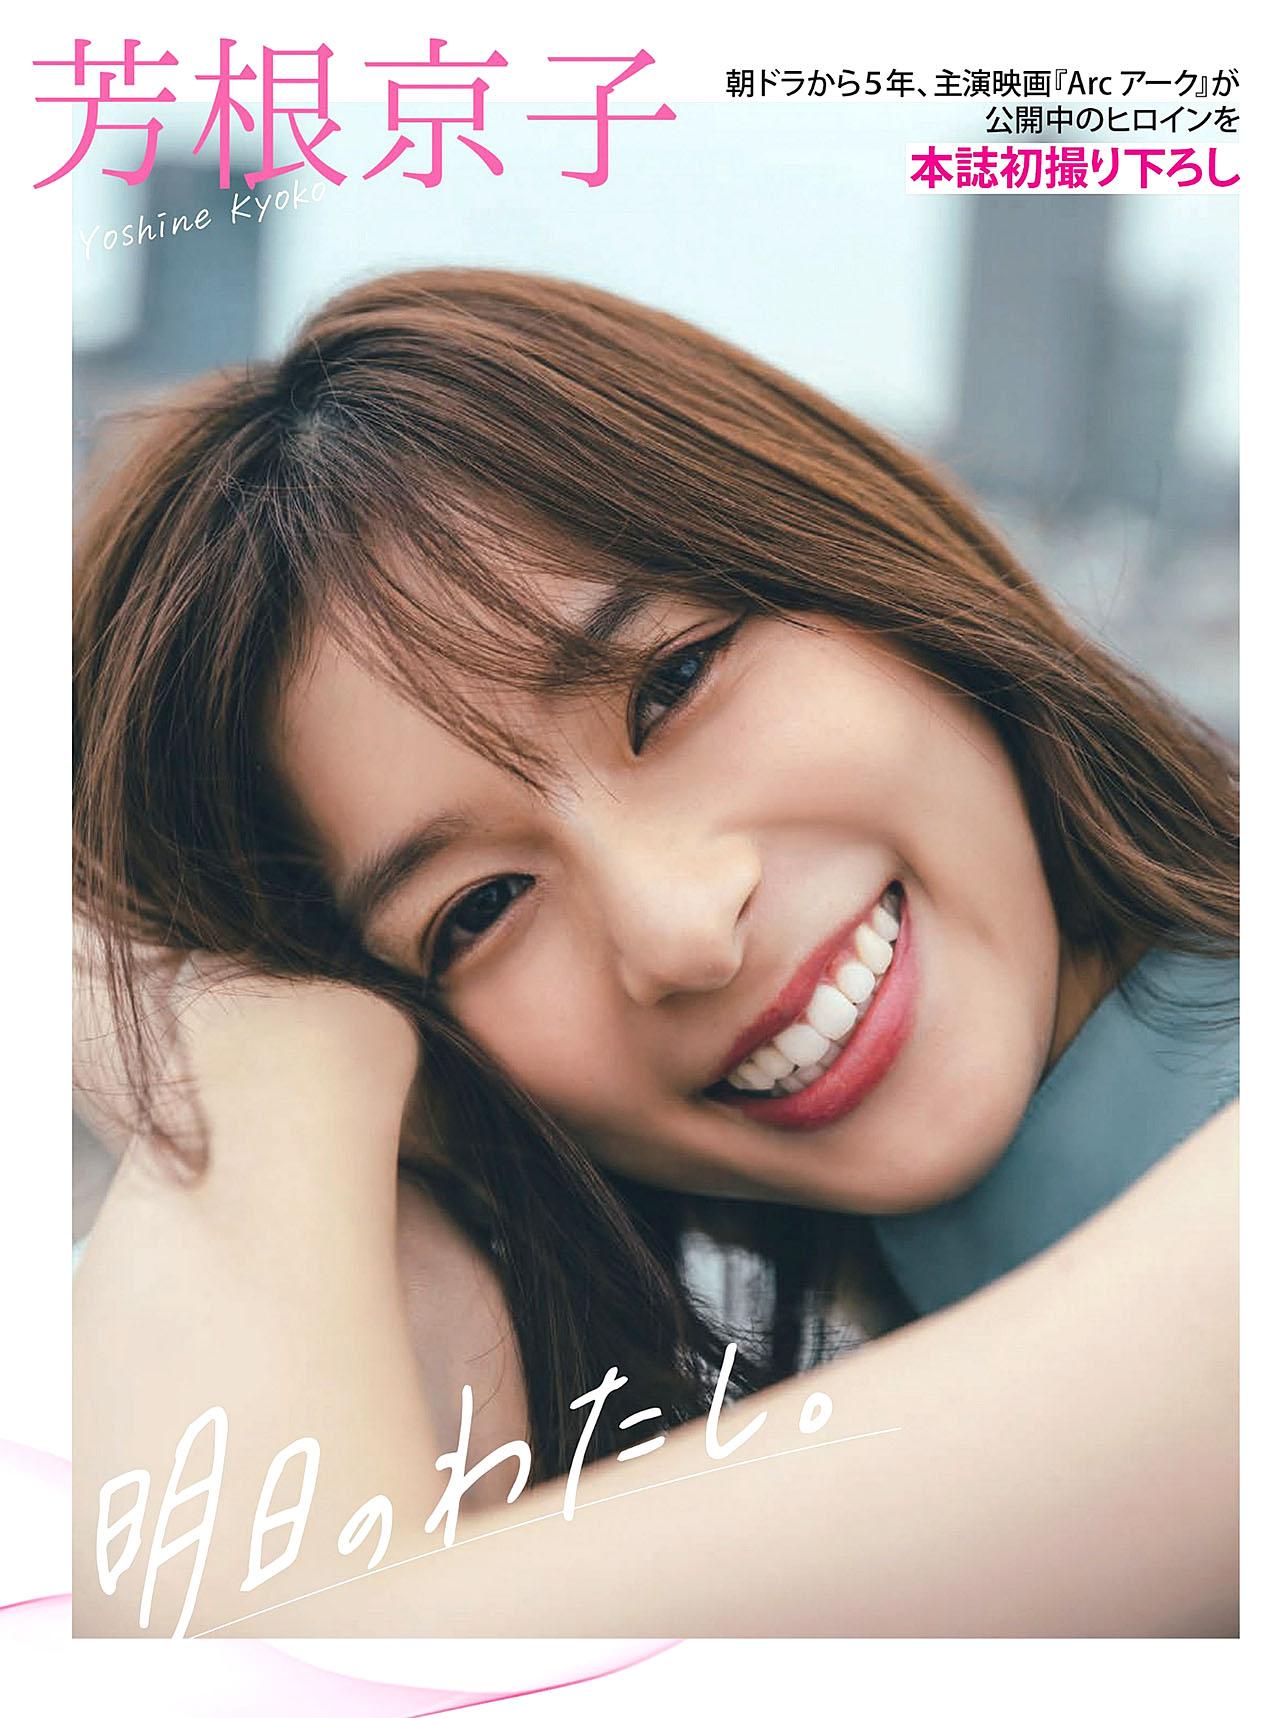 Yoshine Kyoko Flash 210720 02.jpg